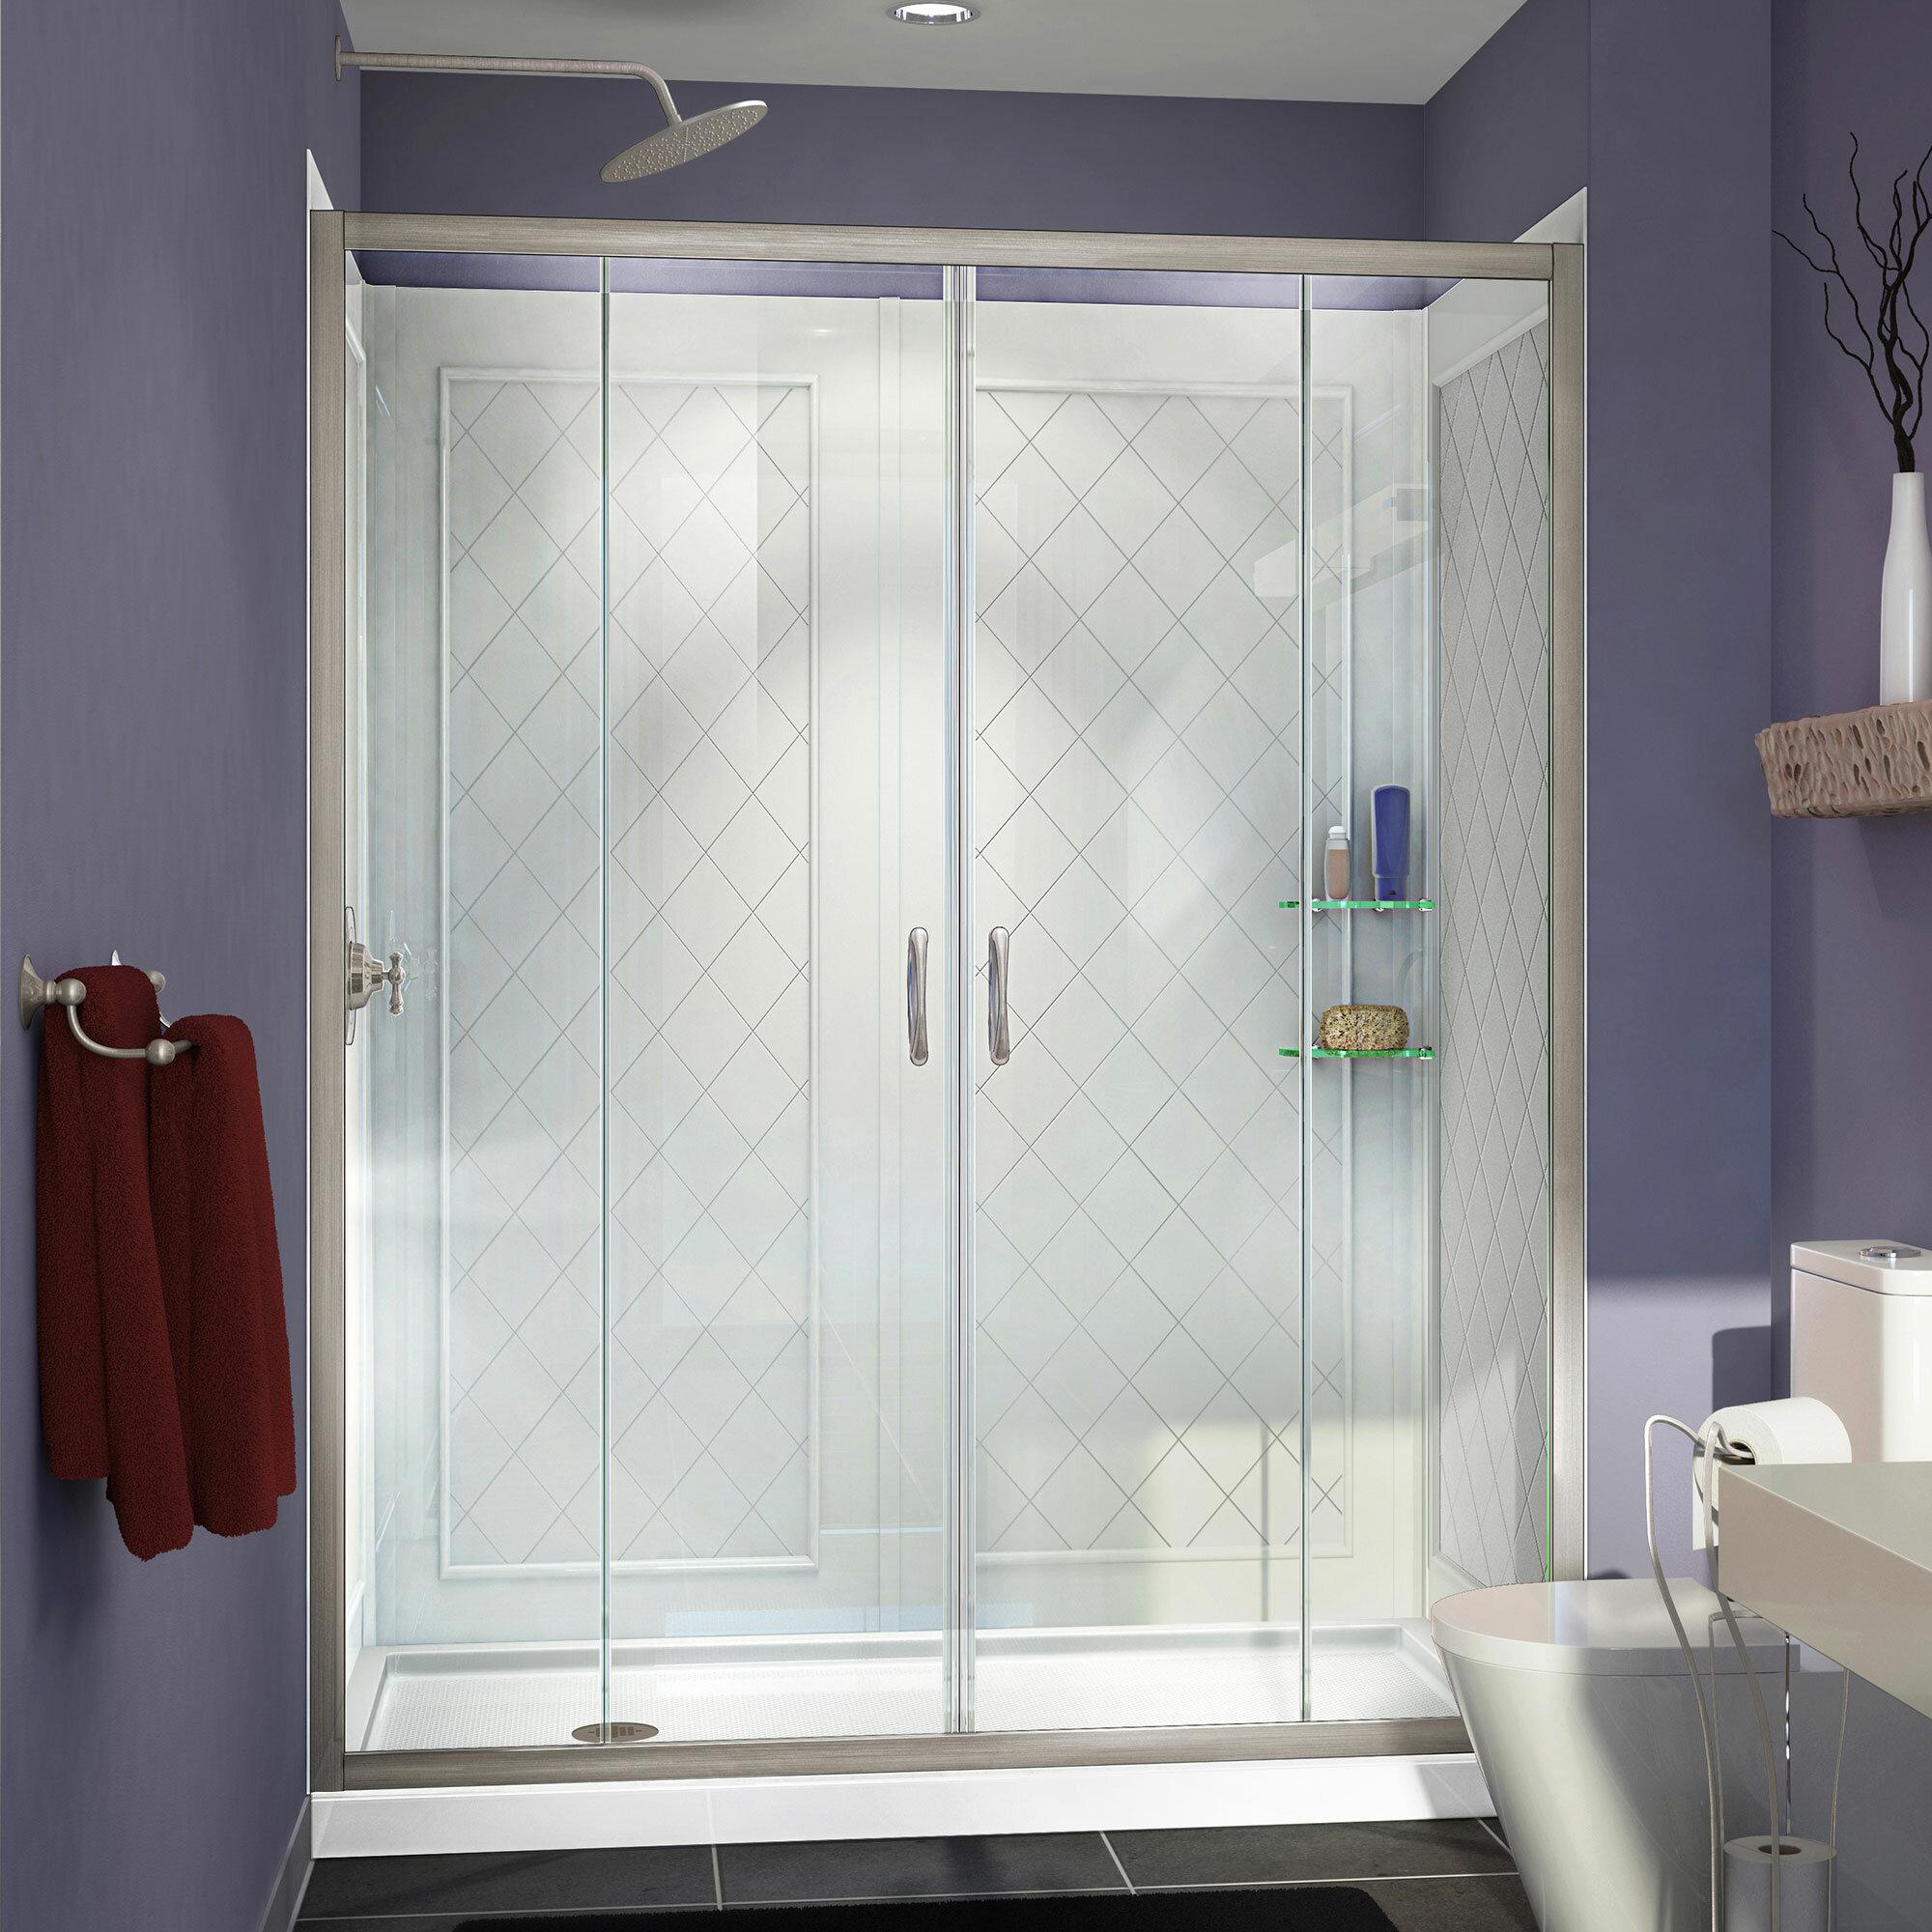 Visions 60 X 30 X 76 75 Sliding Frameless Shower Door